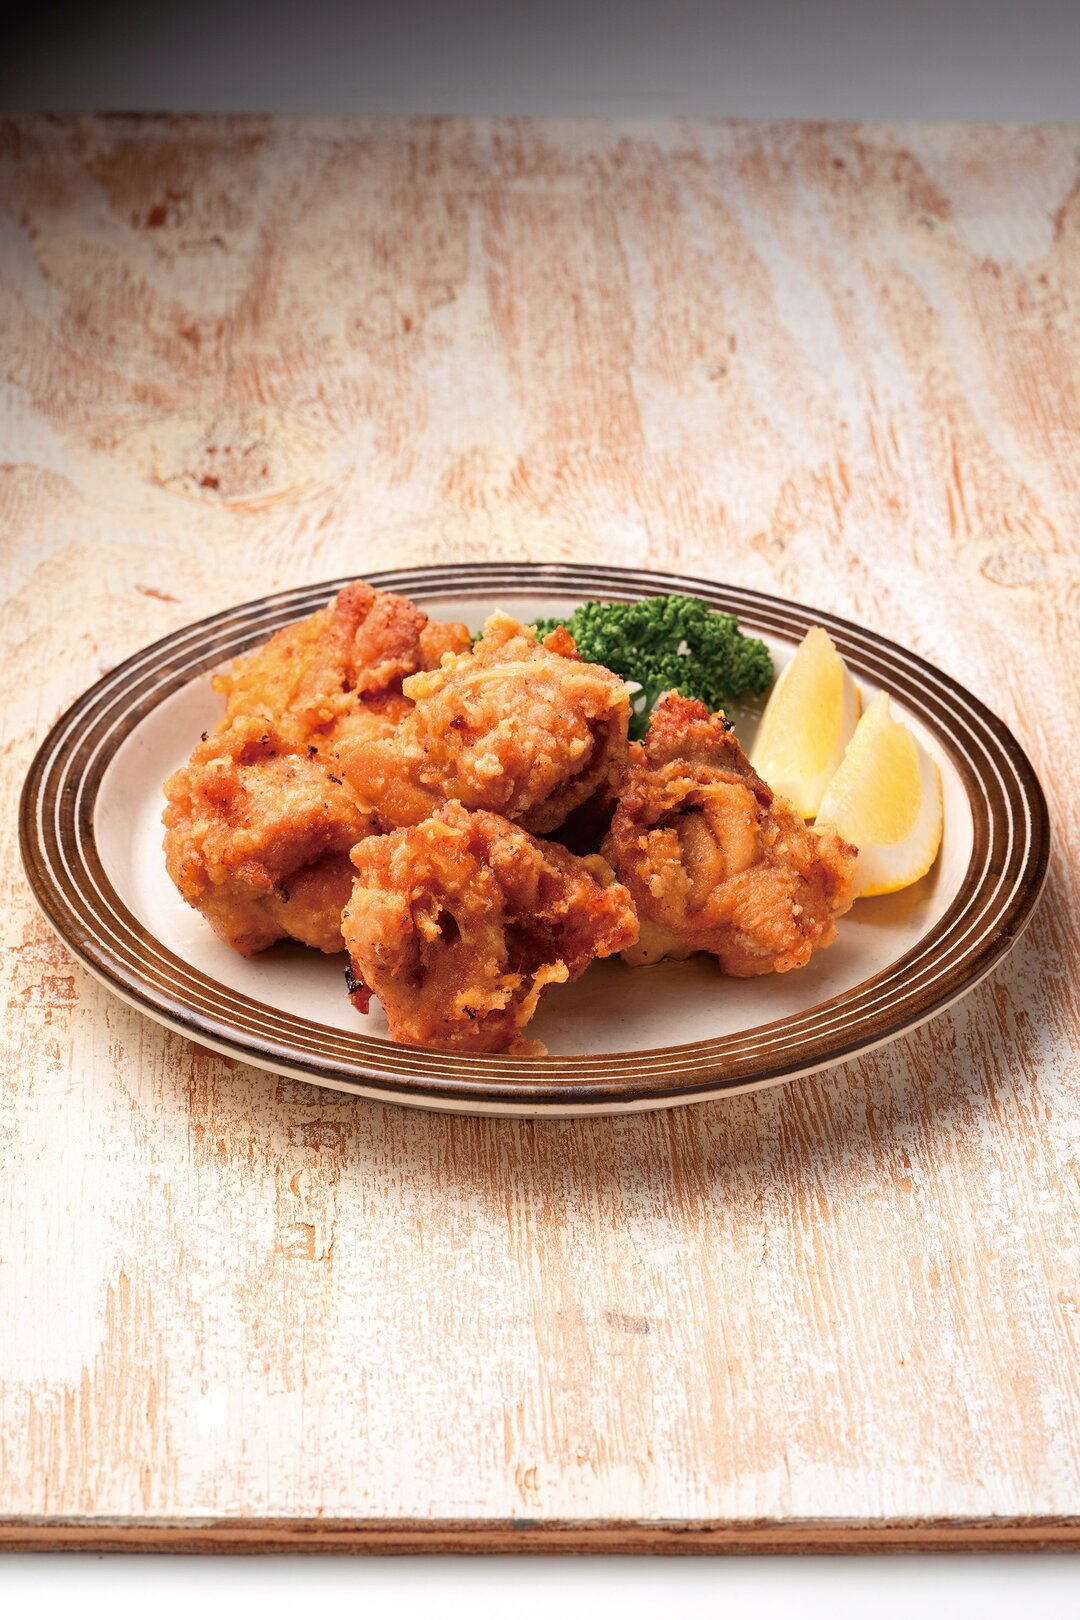 狩猟免許も持つ料理研究家がたどり着いた、「鶏のから揚げ」究極レシピ